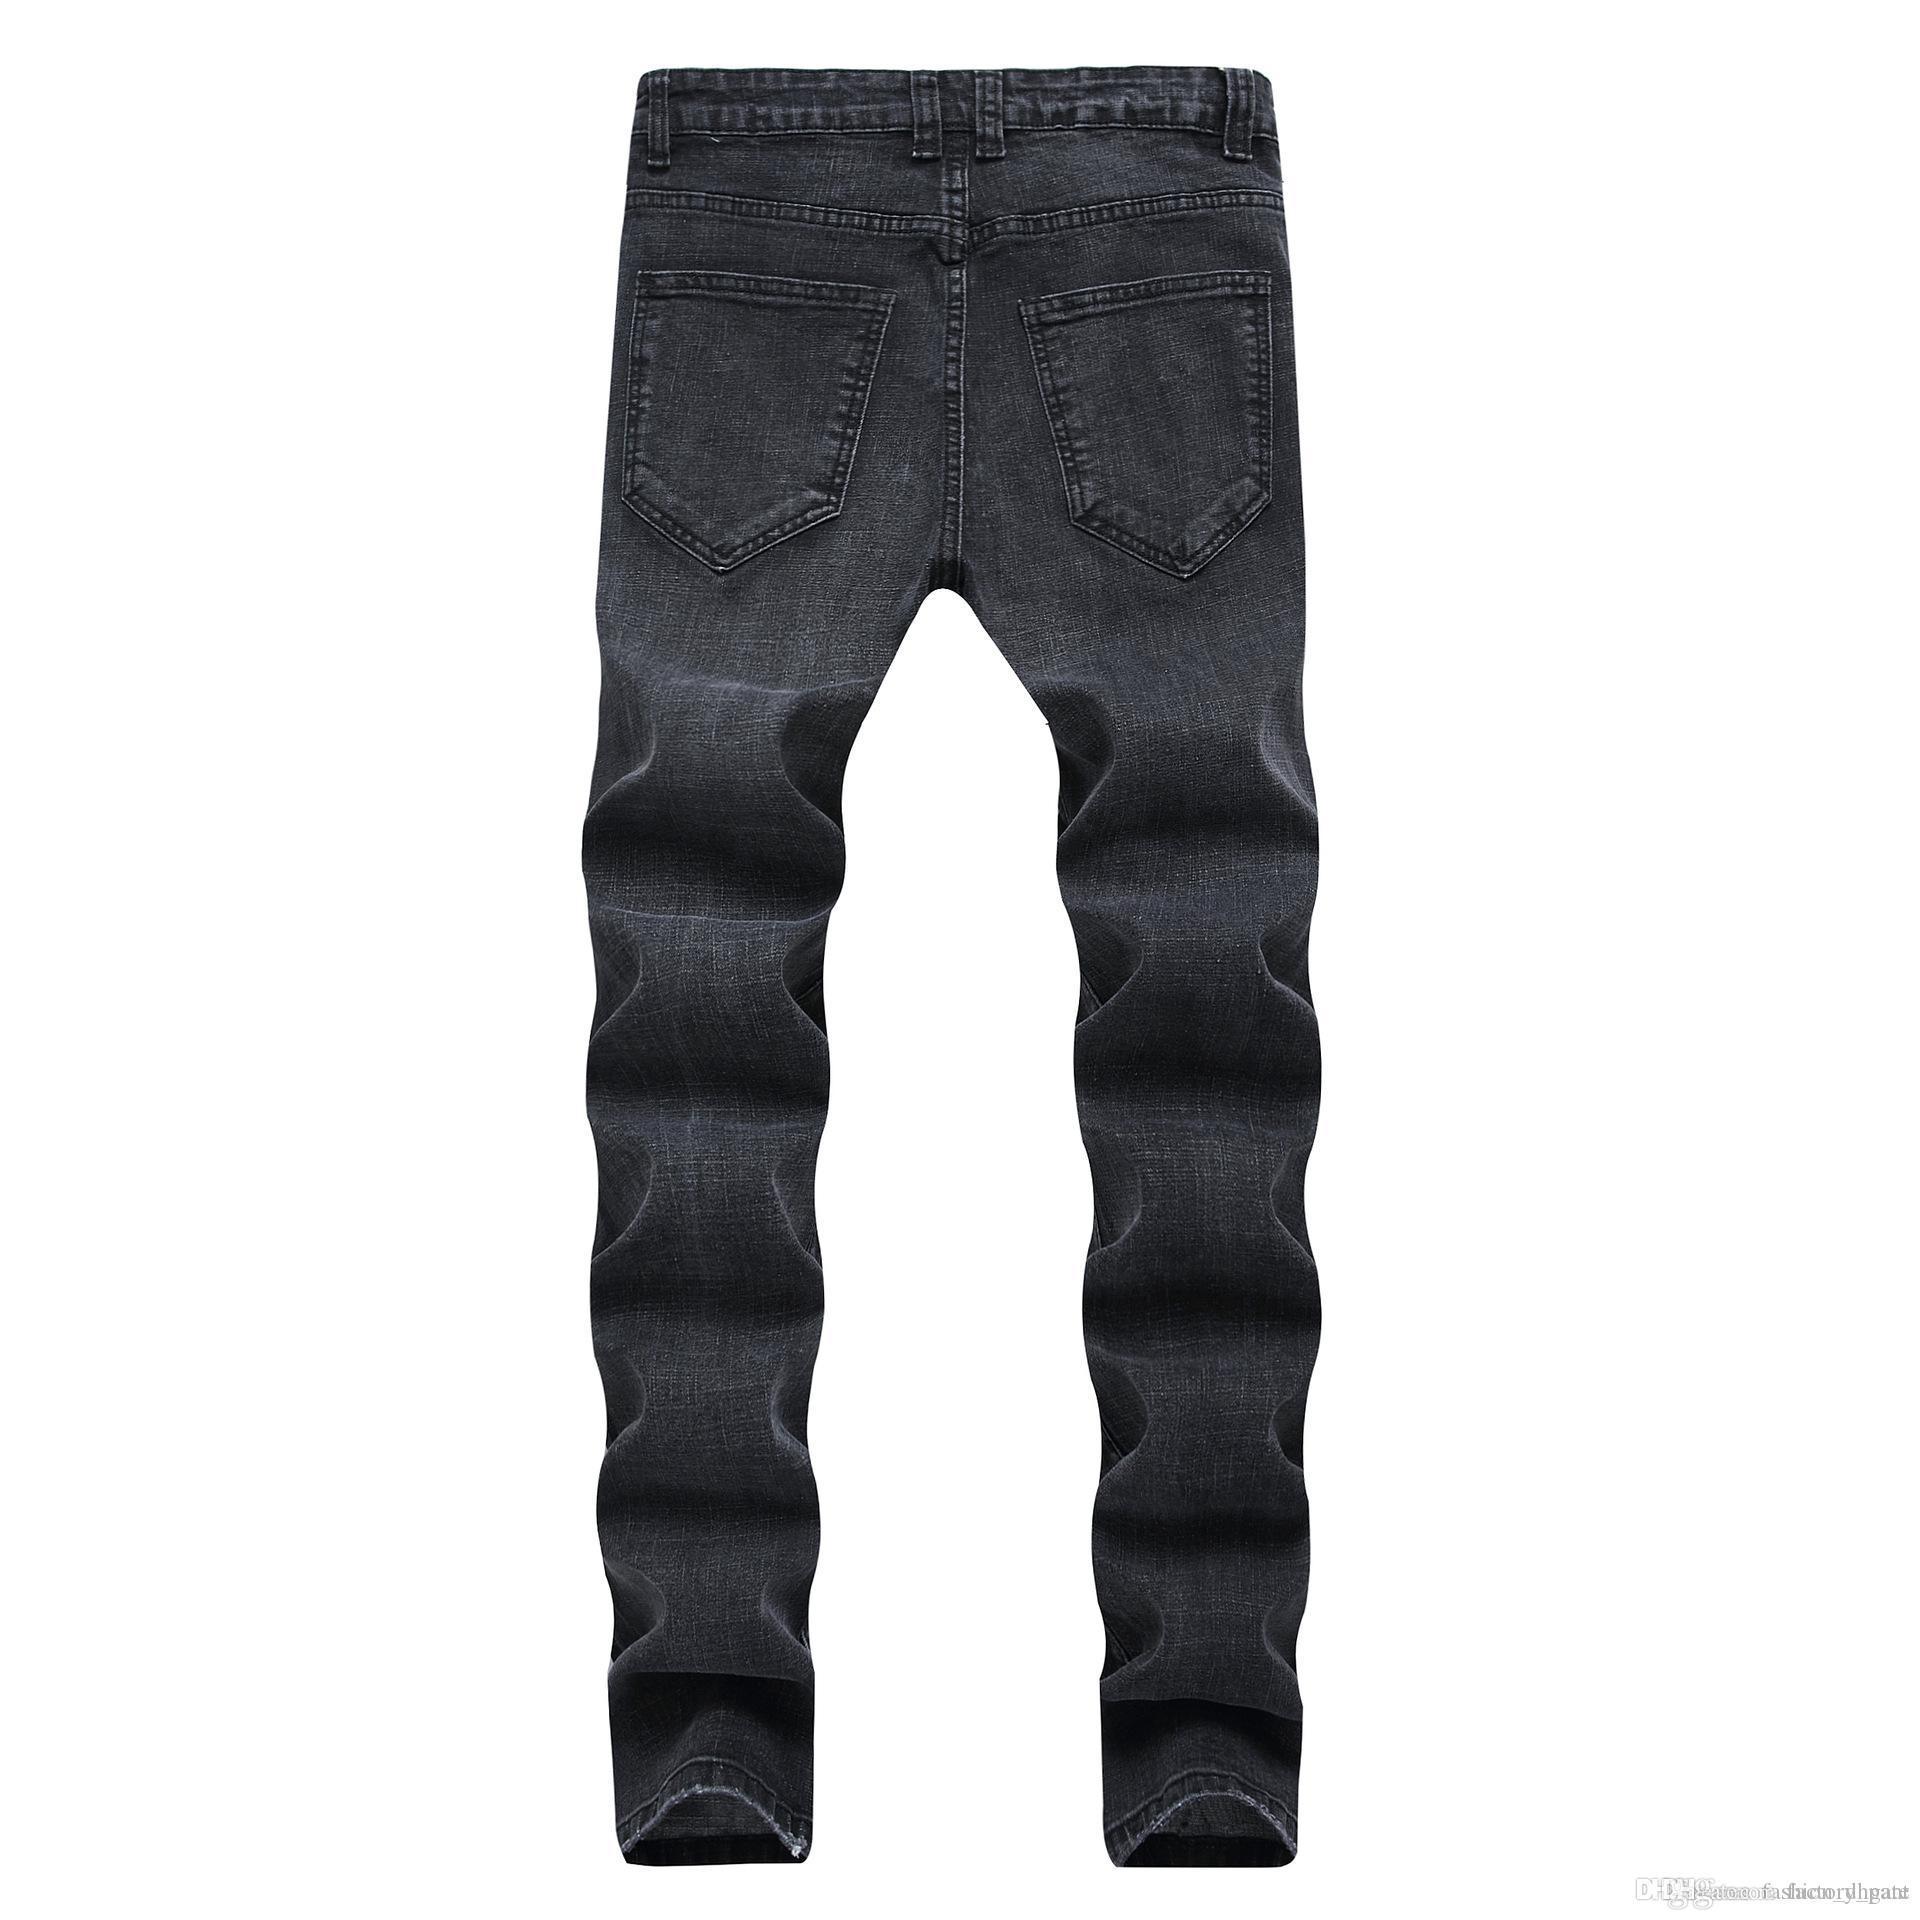 Black Men Jeans Vêtements New Slim Fit Arrivée stretch Jeans Ripped Jeans en détresse Street Fashion Hommes Denim Pantalons 28-42 Dropshipping